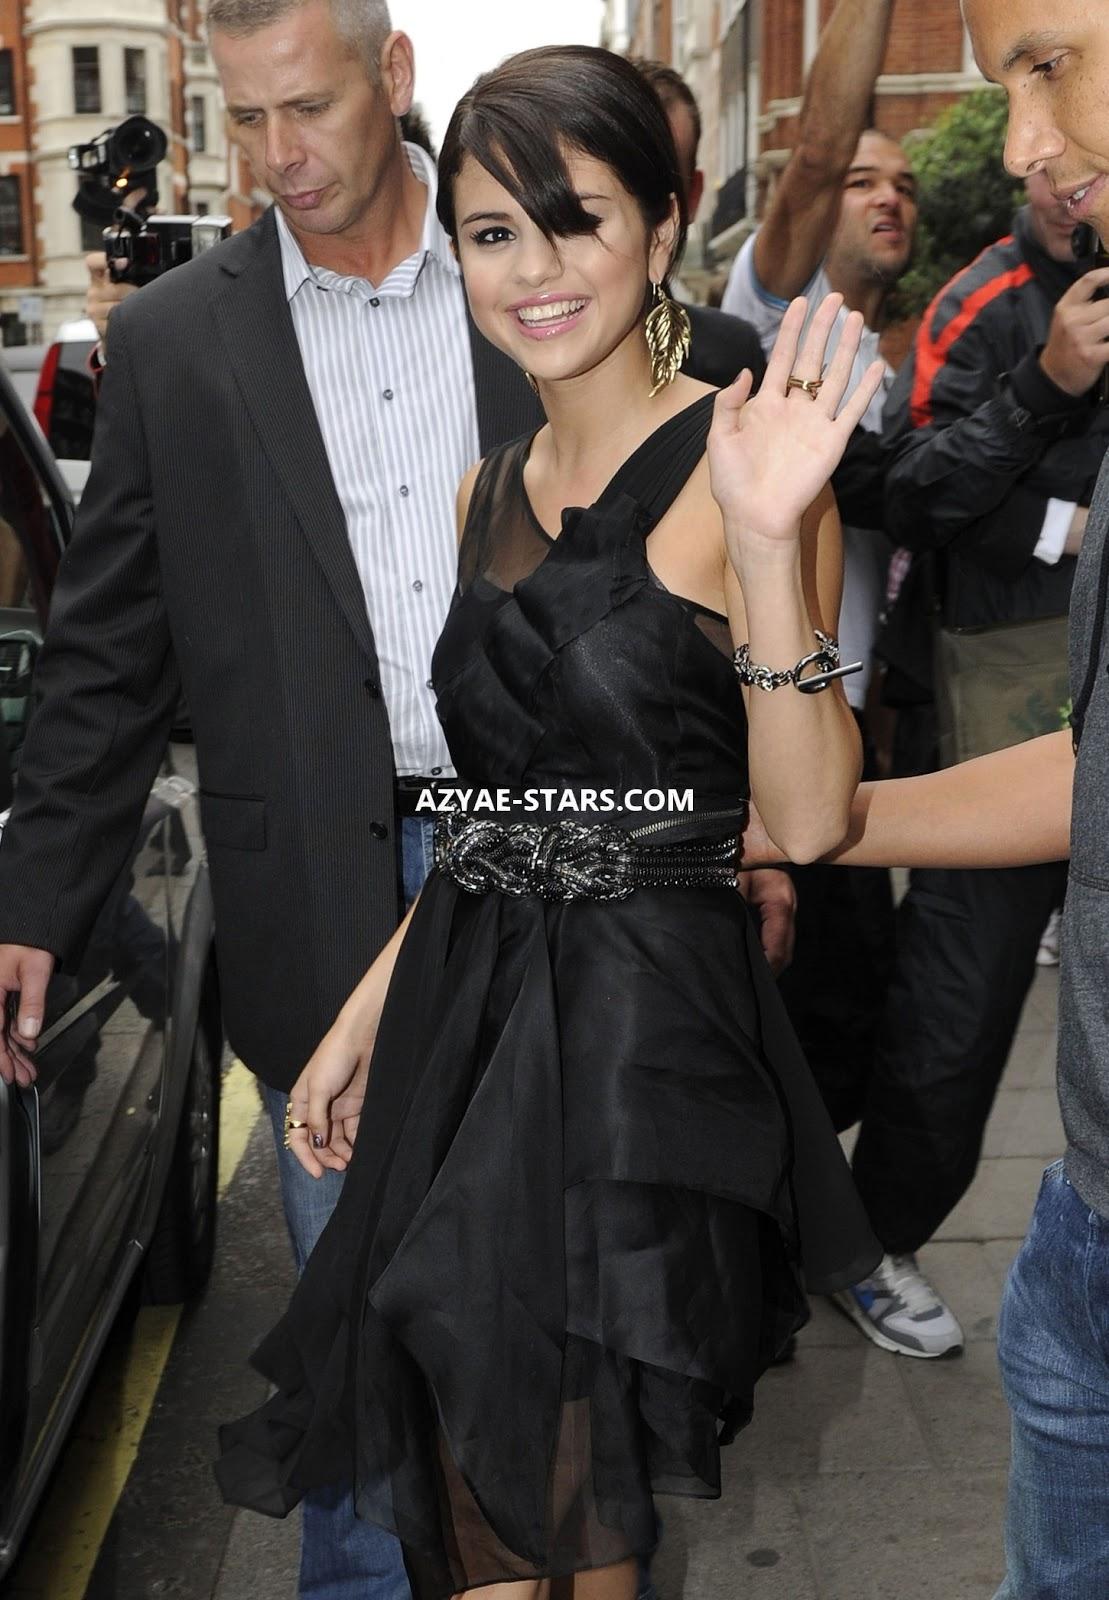 http://4.bp.blogspot.com/-VoZQmuZ1EdI/UNxZ3hjSrDI/AAAAAAAAJ6Y/wb8pMNKK2Vo/s1600/Selena+Gomez+in+Black+Dress+Leaves+Her+Hotel+in+London-01.jpg